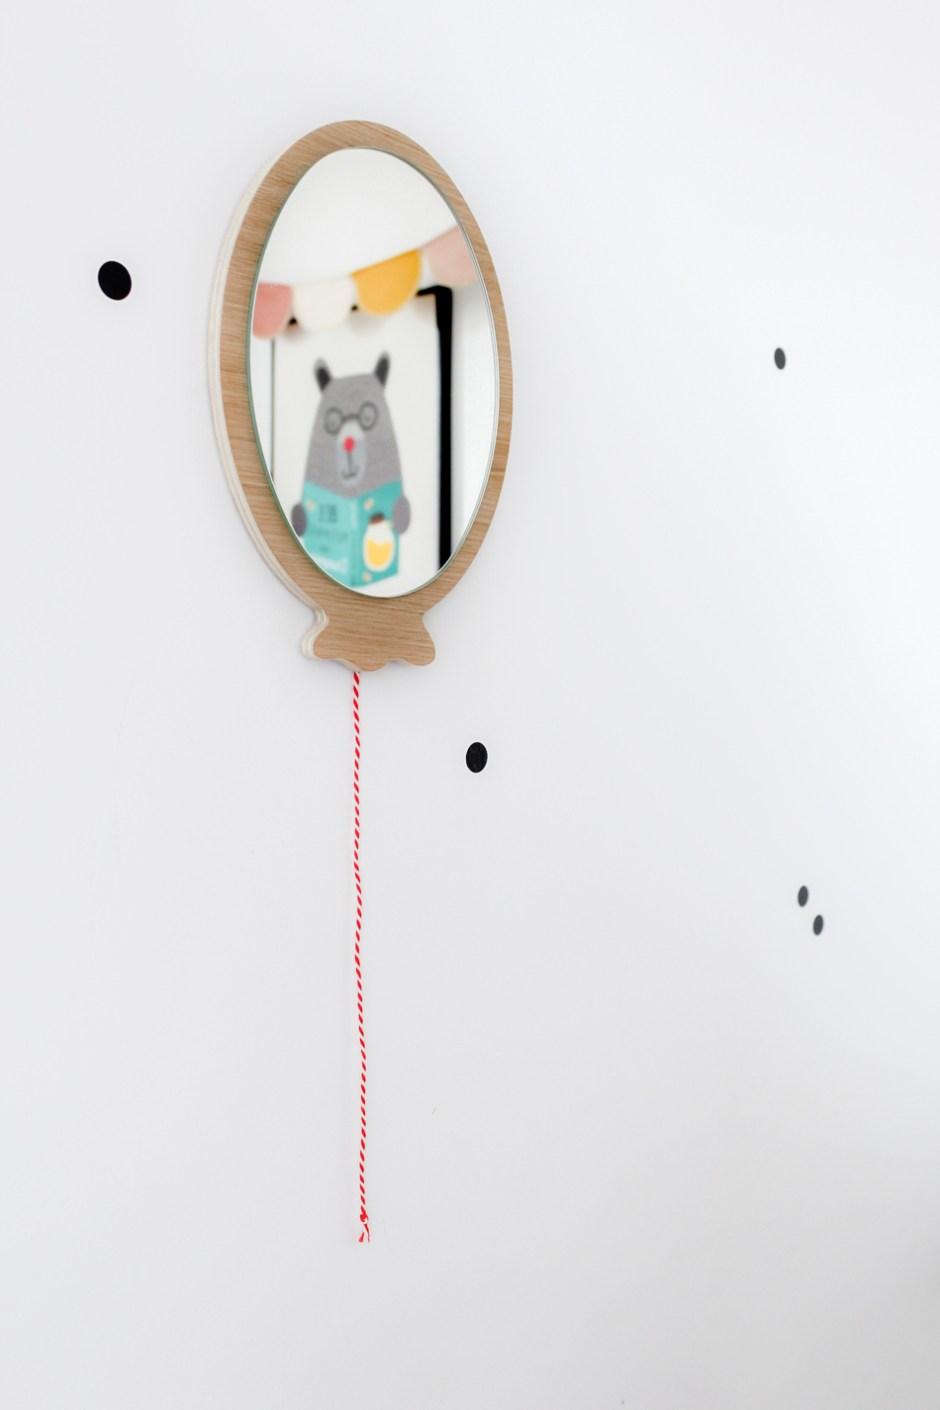 Les nouveautés déco : miroir ballon & illustrations kids